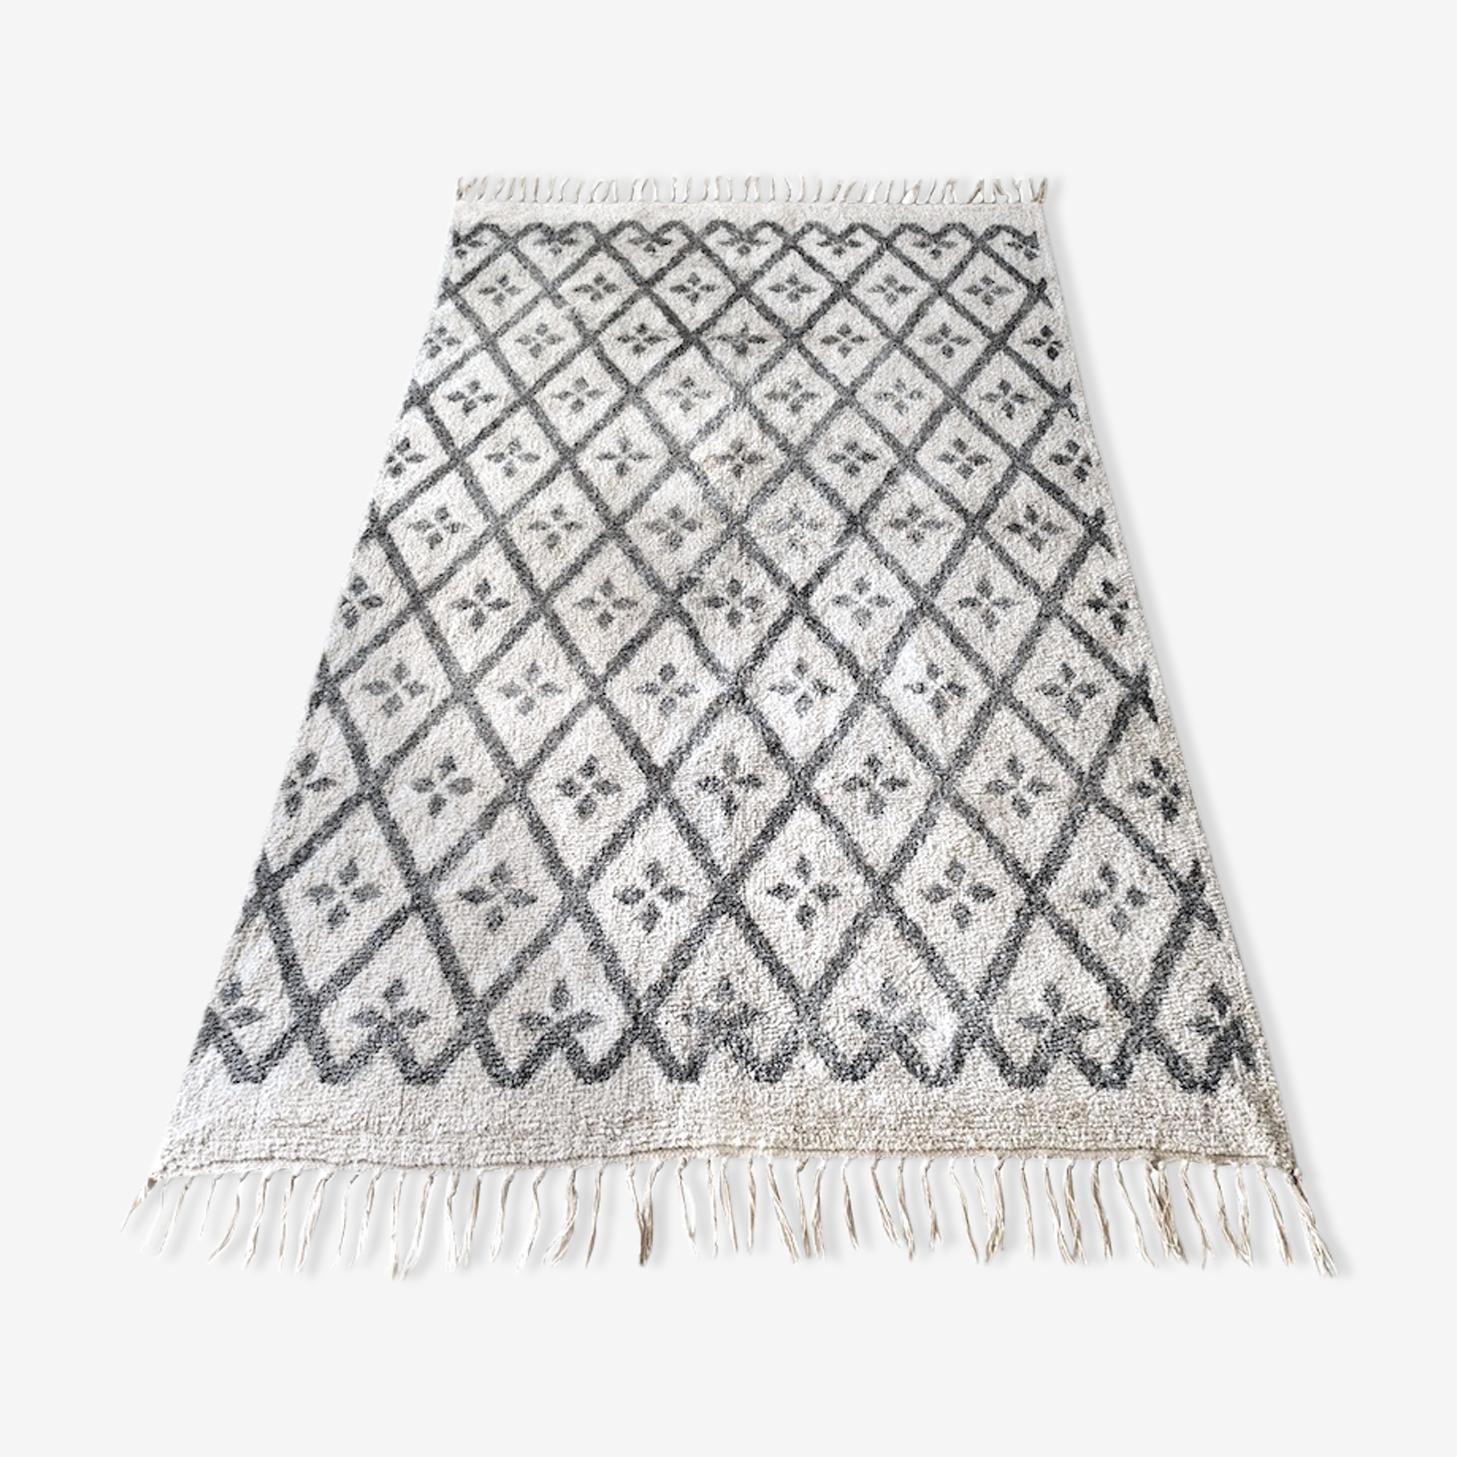 Tapis berbère en coton 120 x 160 cm blanc cassé et gris